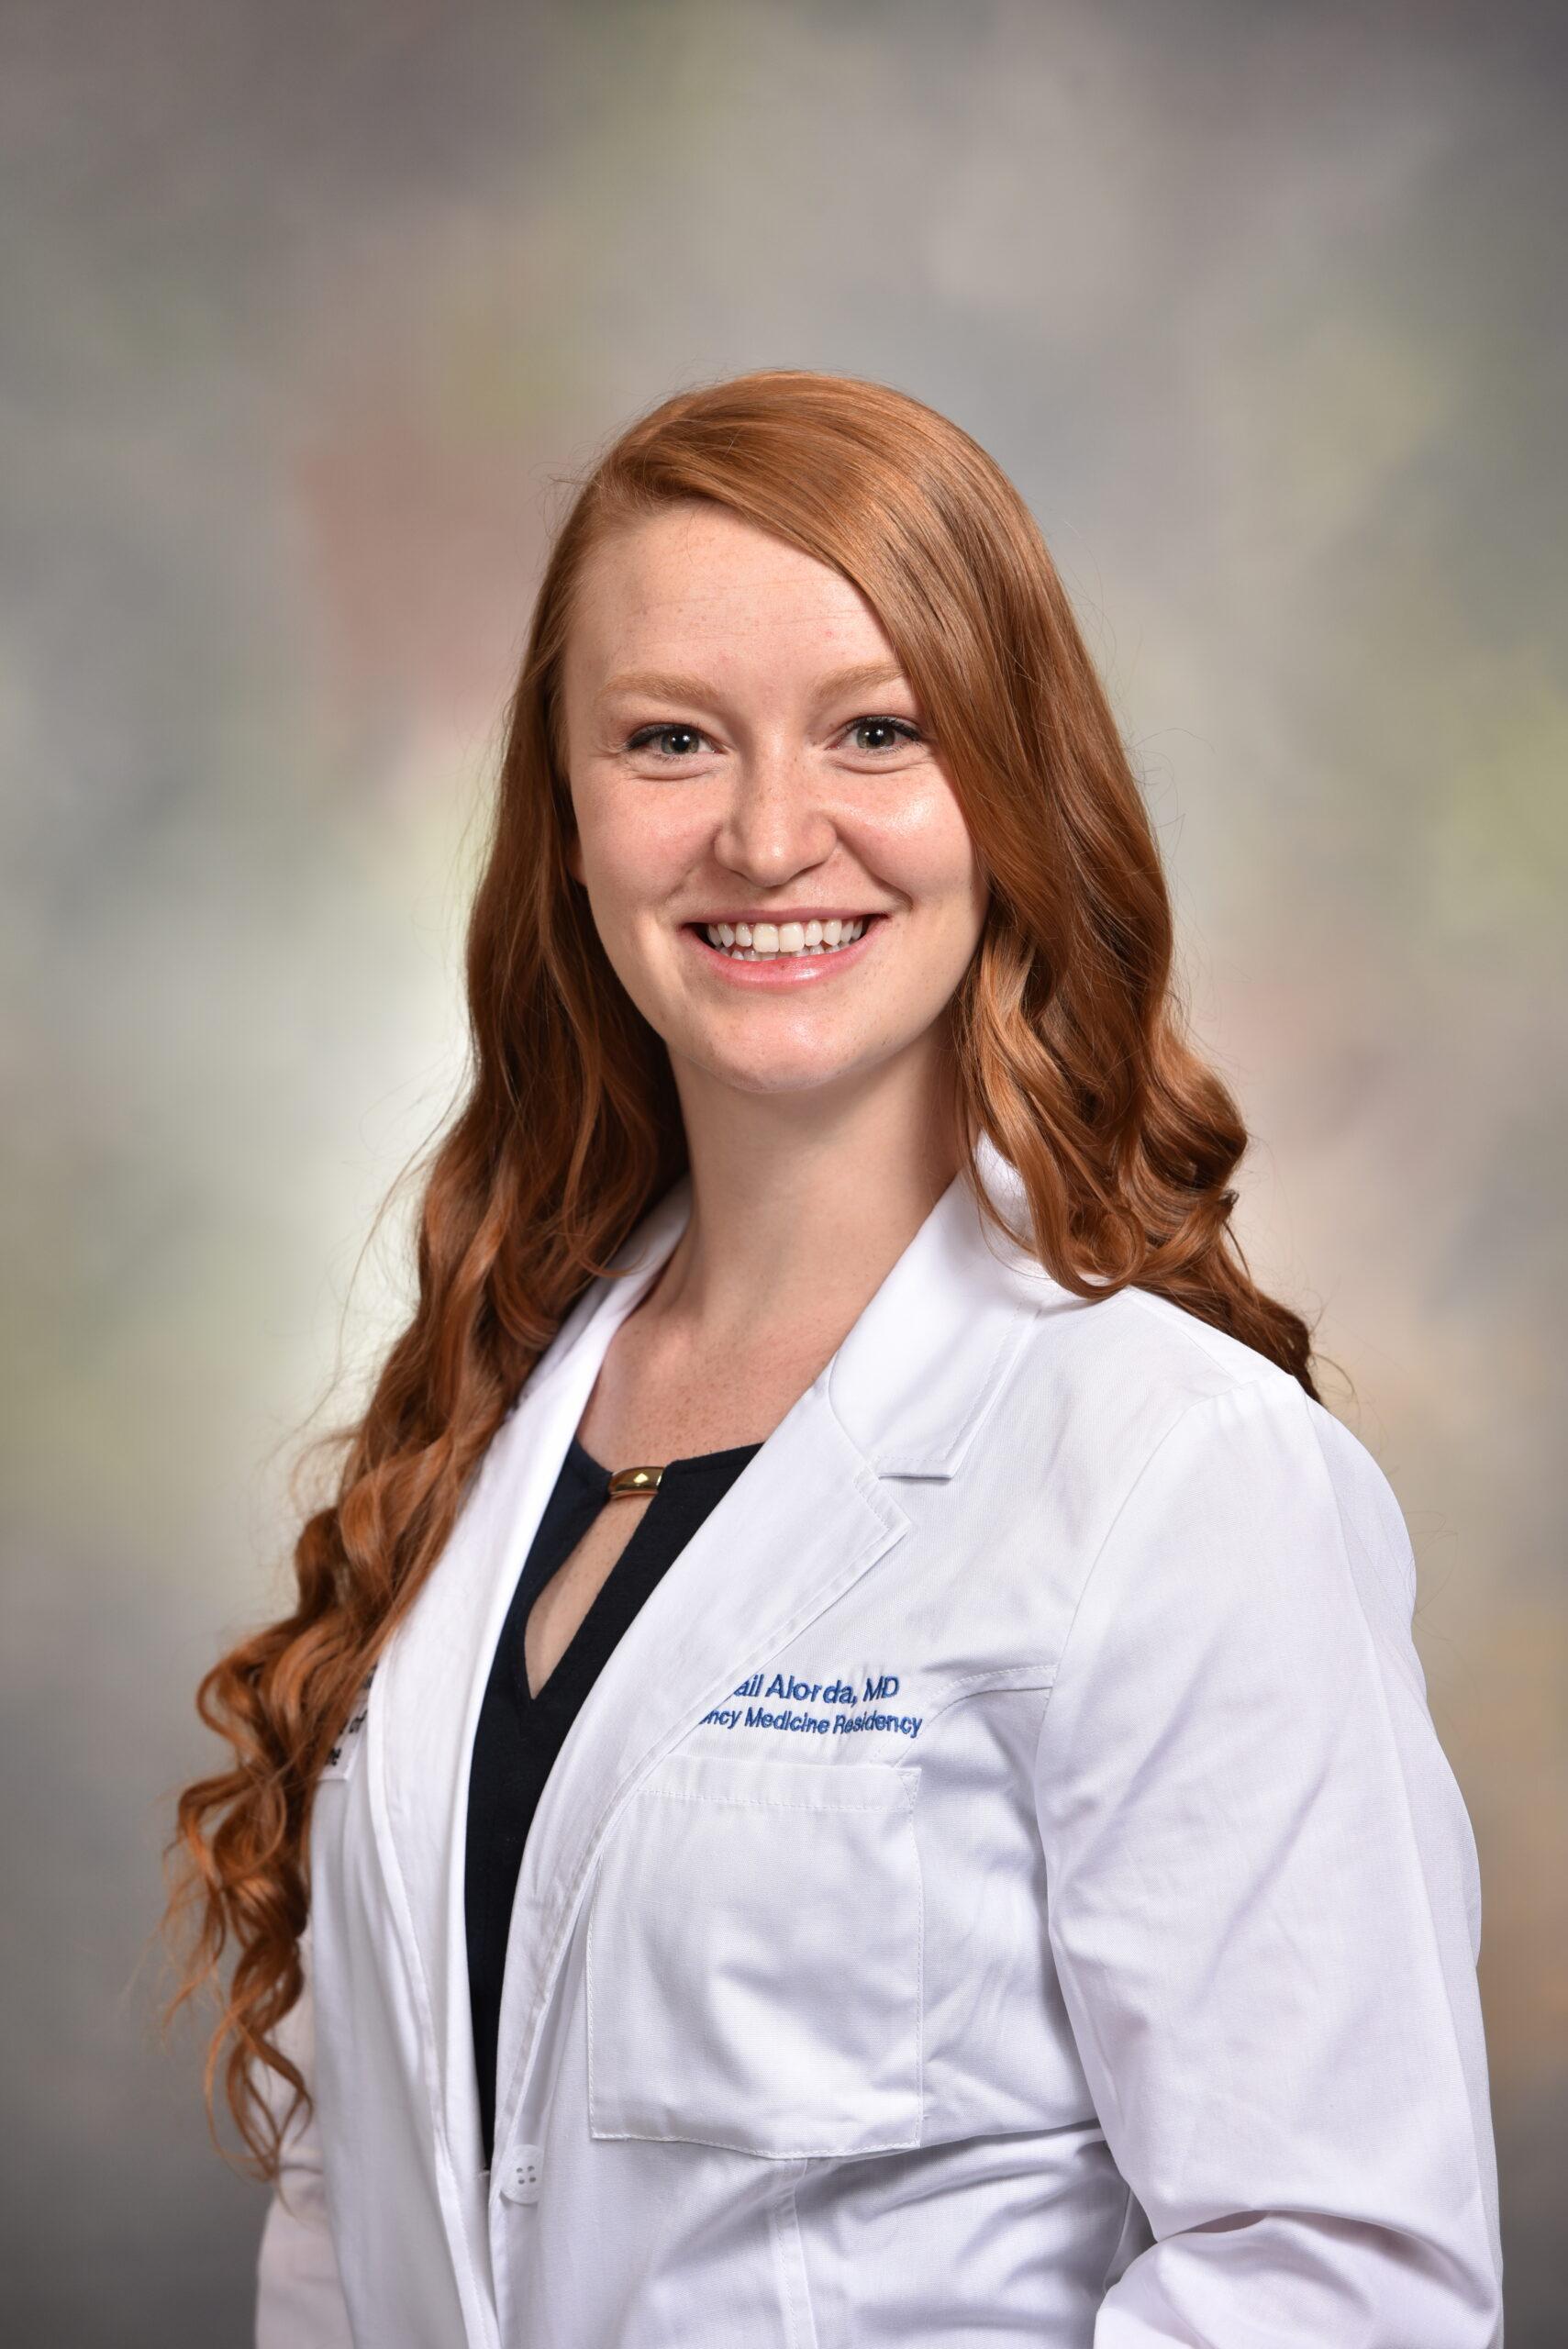 Abigail Alorda, MD